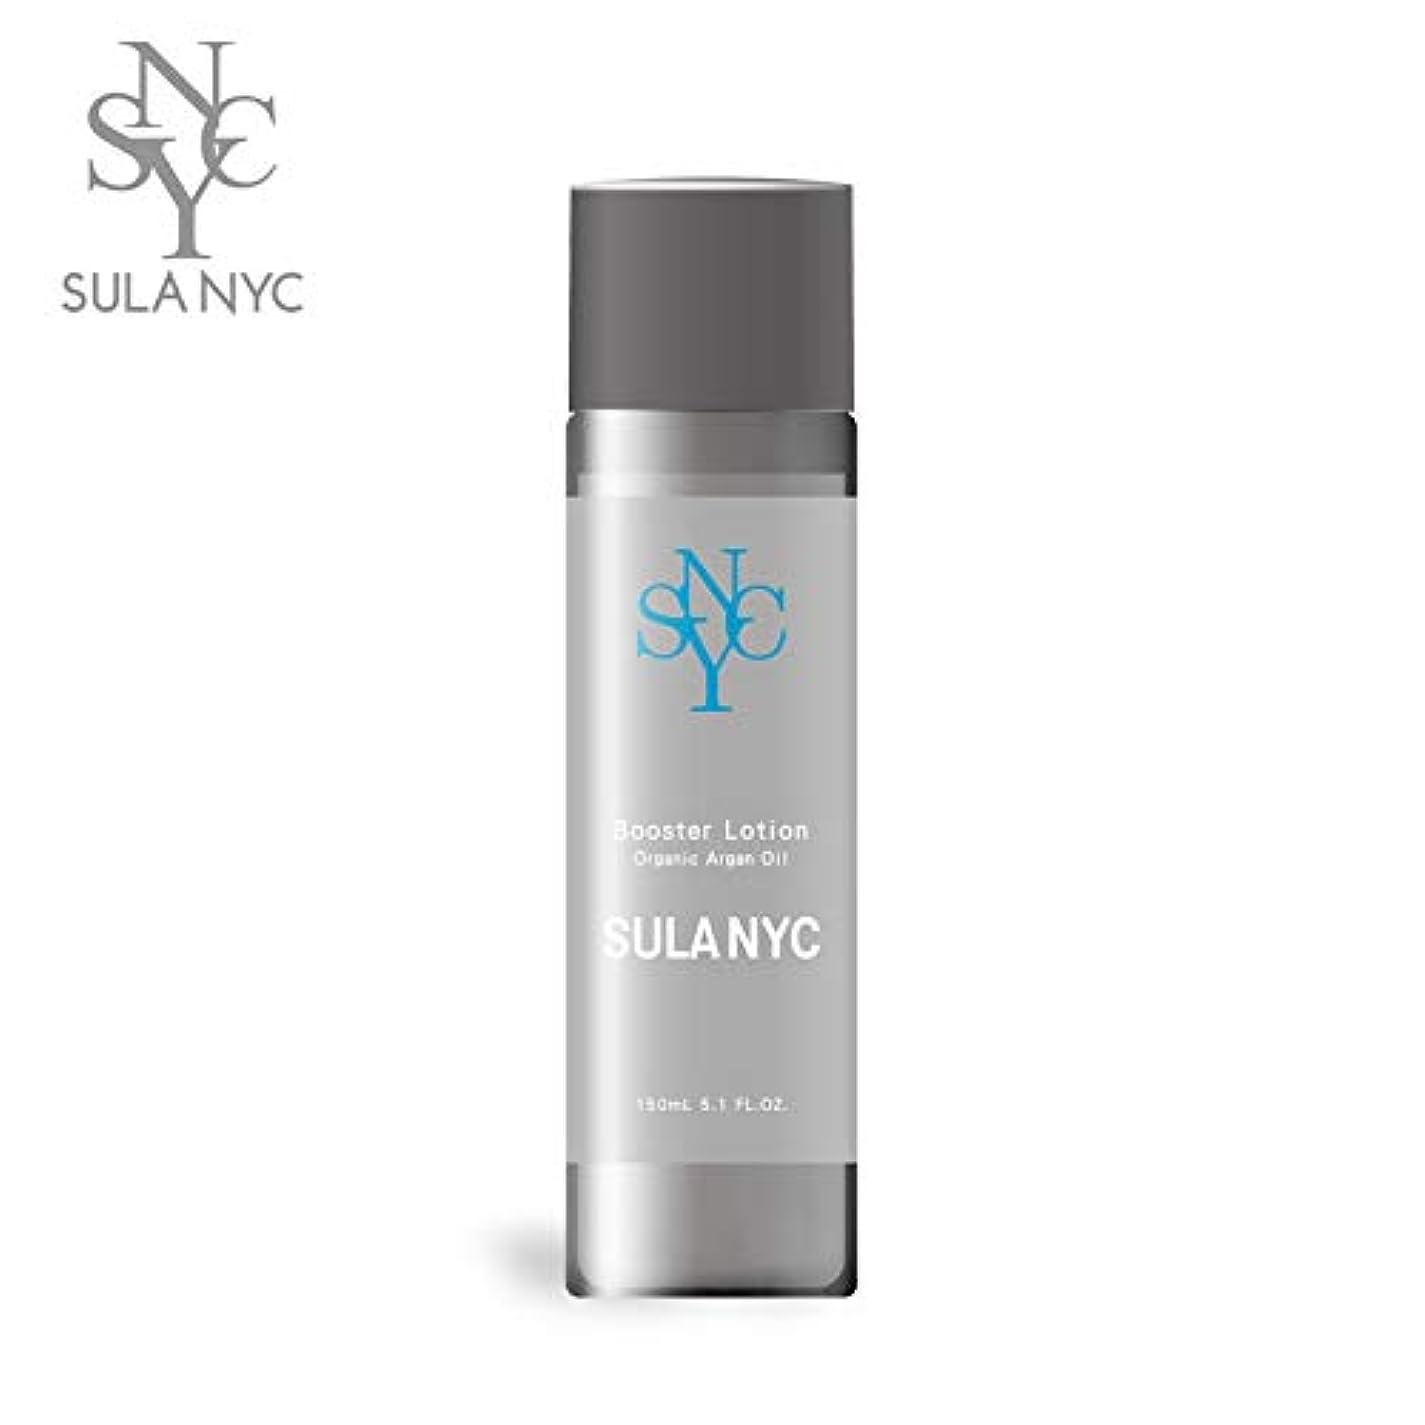 好みプランター名声SULA NYC スーラ エヌワイシー アルガンオイル ブースターローション 化粧水 150ml